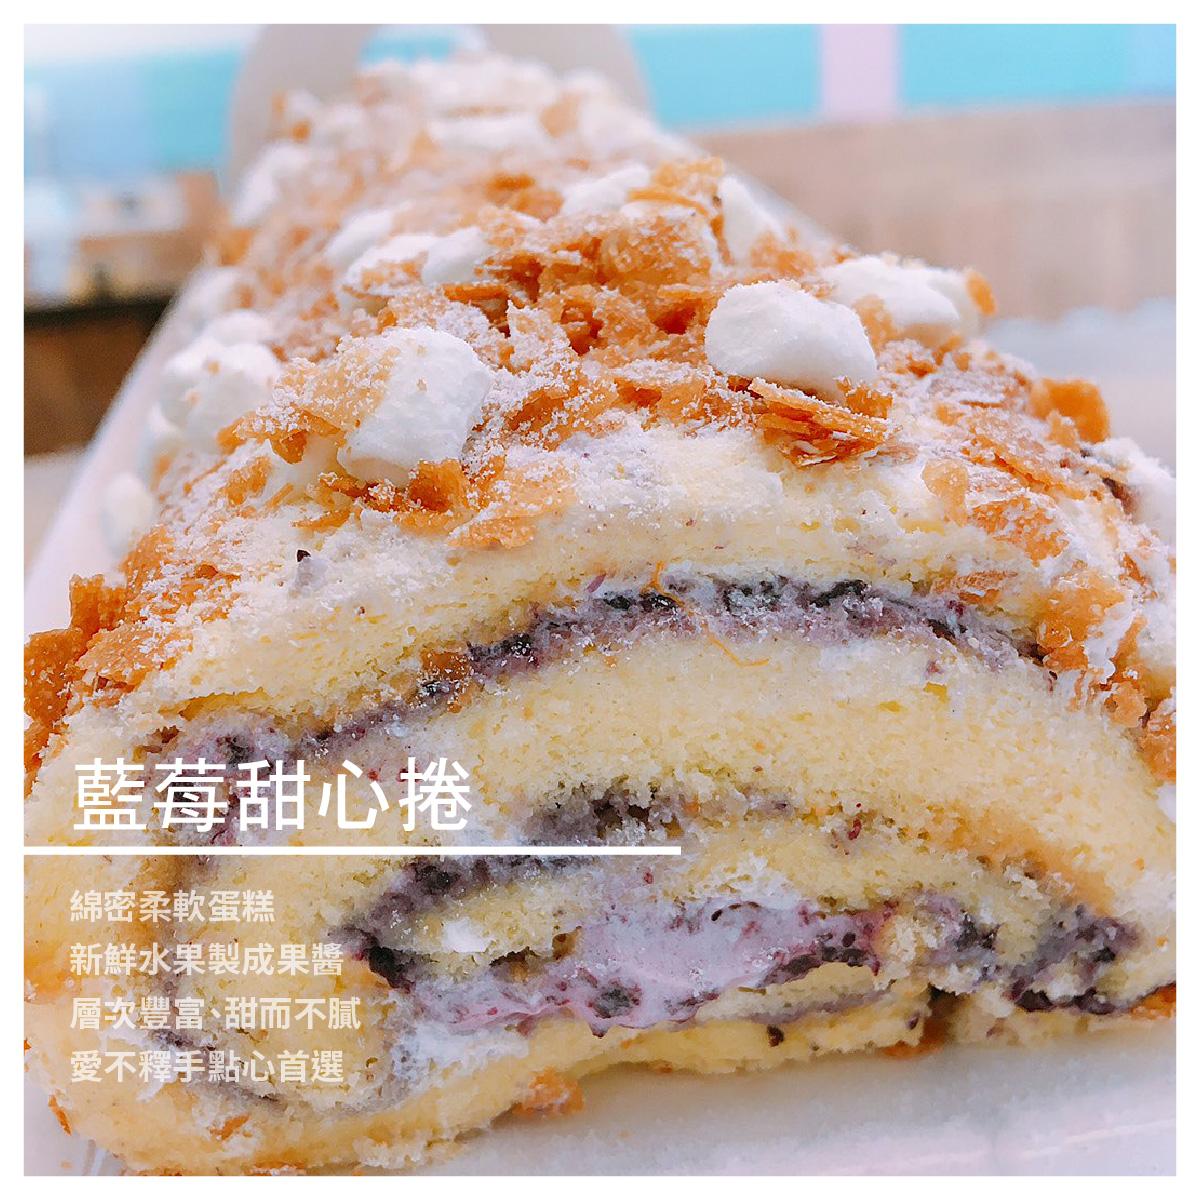 【夏之亭烘焙坊】藍莓甜心捲